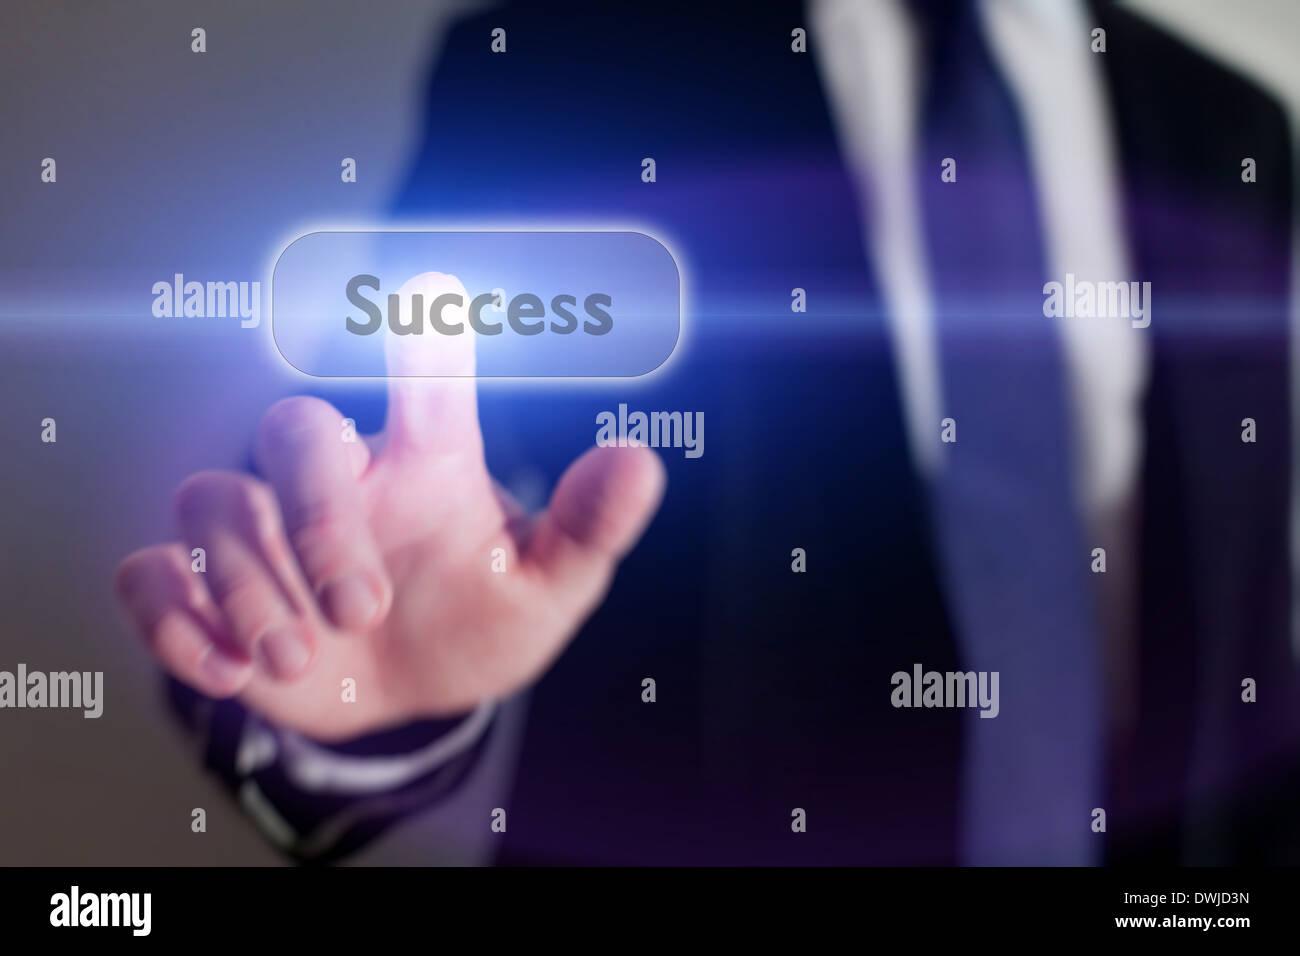 concetto di successo Immagini Stock